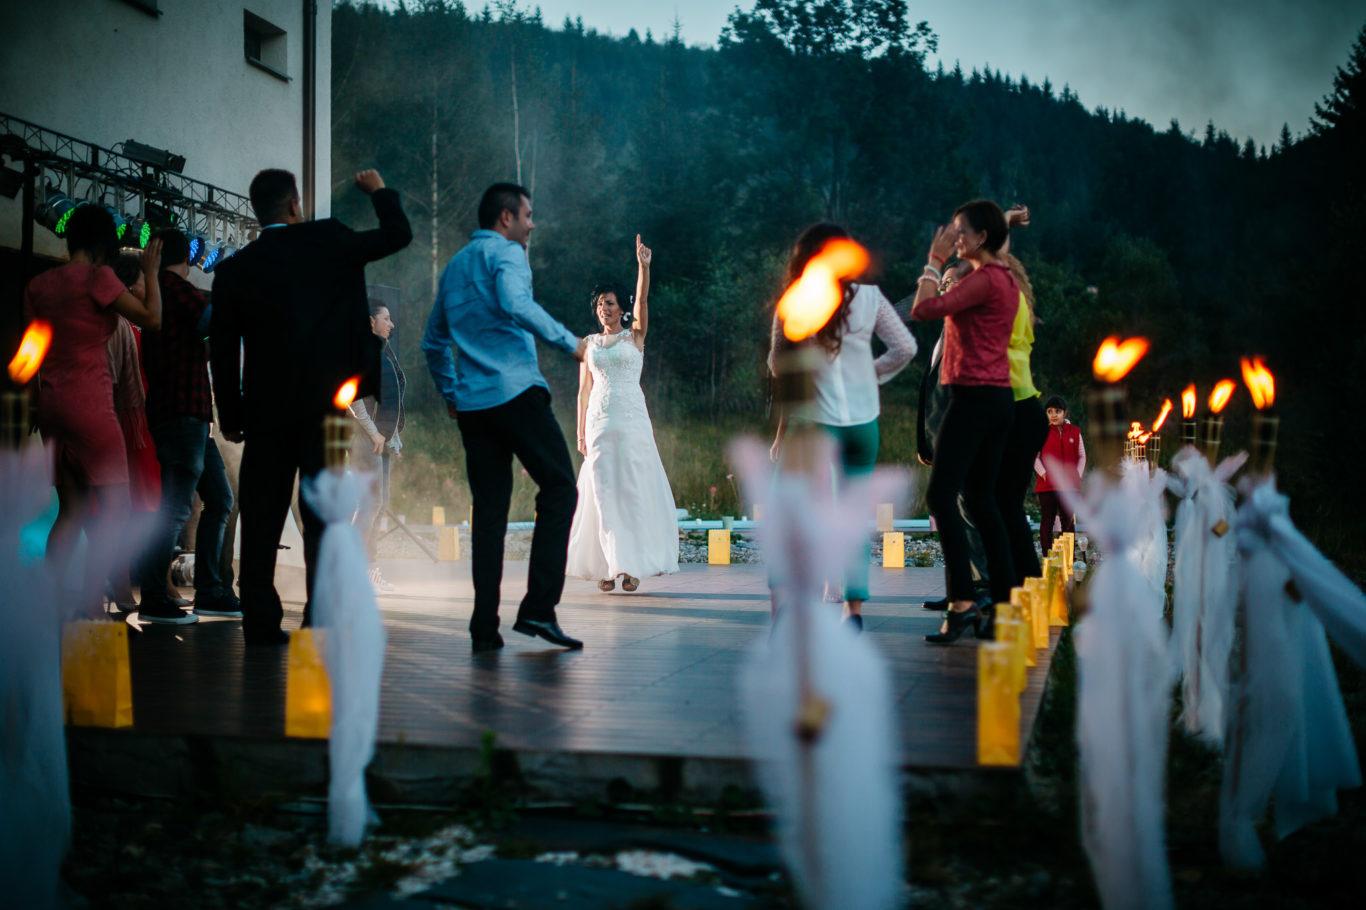 0534-fotografie-nunta-valea-de-pesti-vero-dani-fotograf-ciprian-dumitrescu-dc1_1393